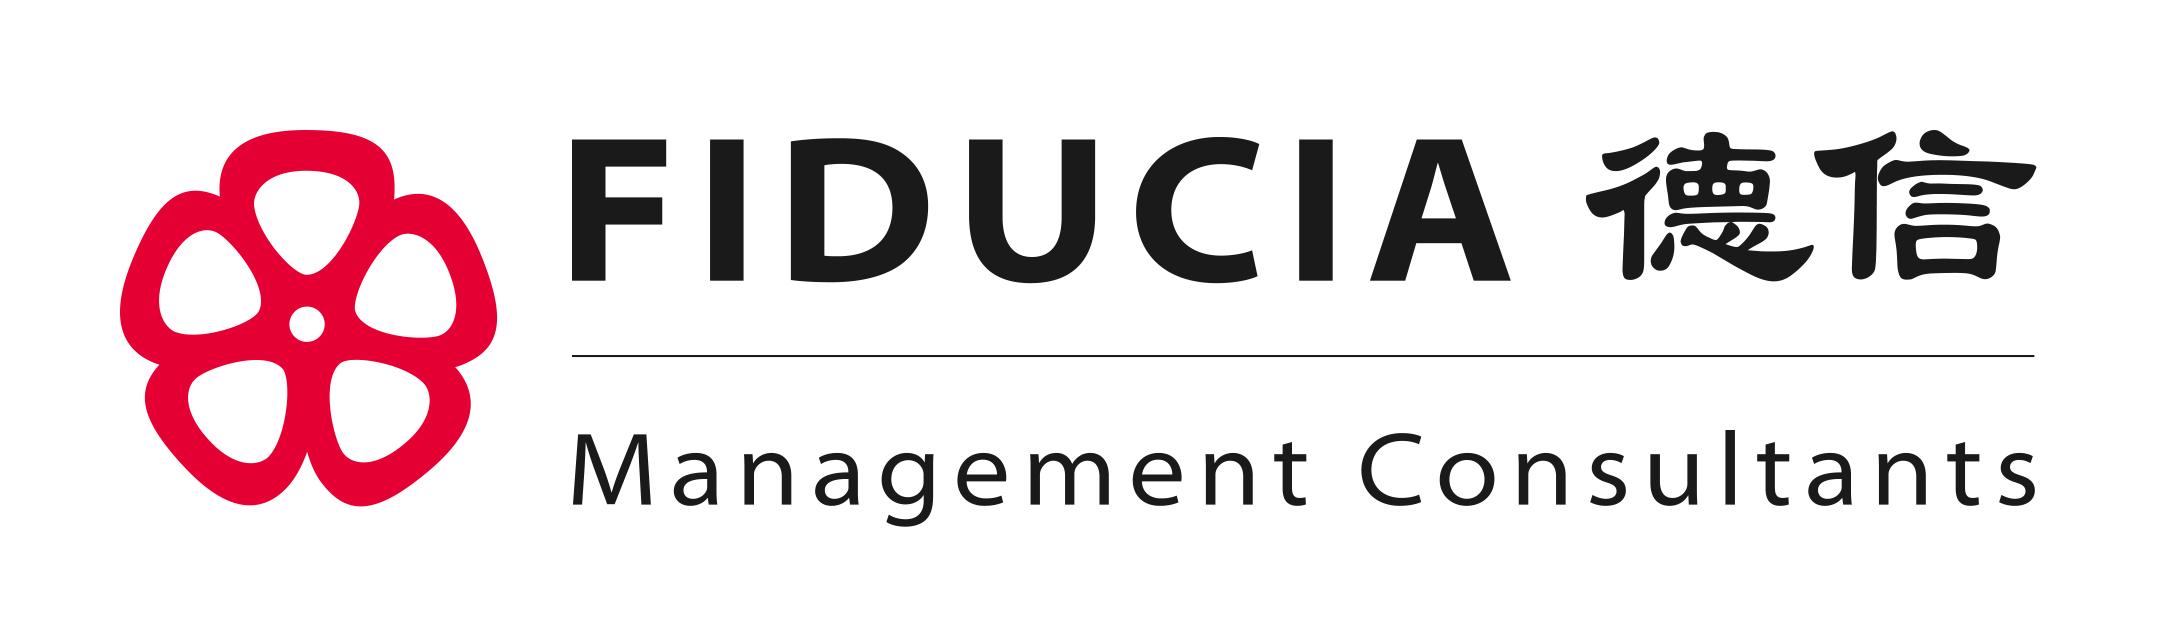 Fiducia Management Consultants